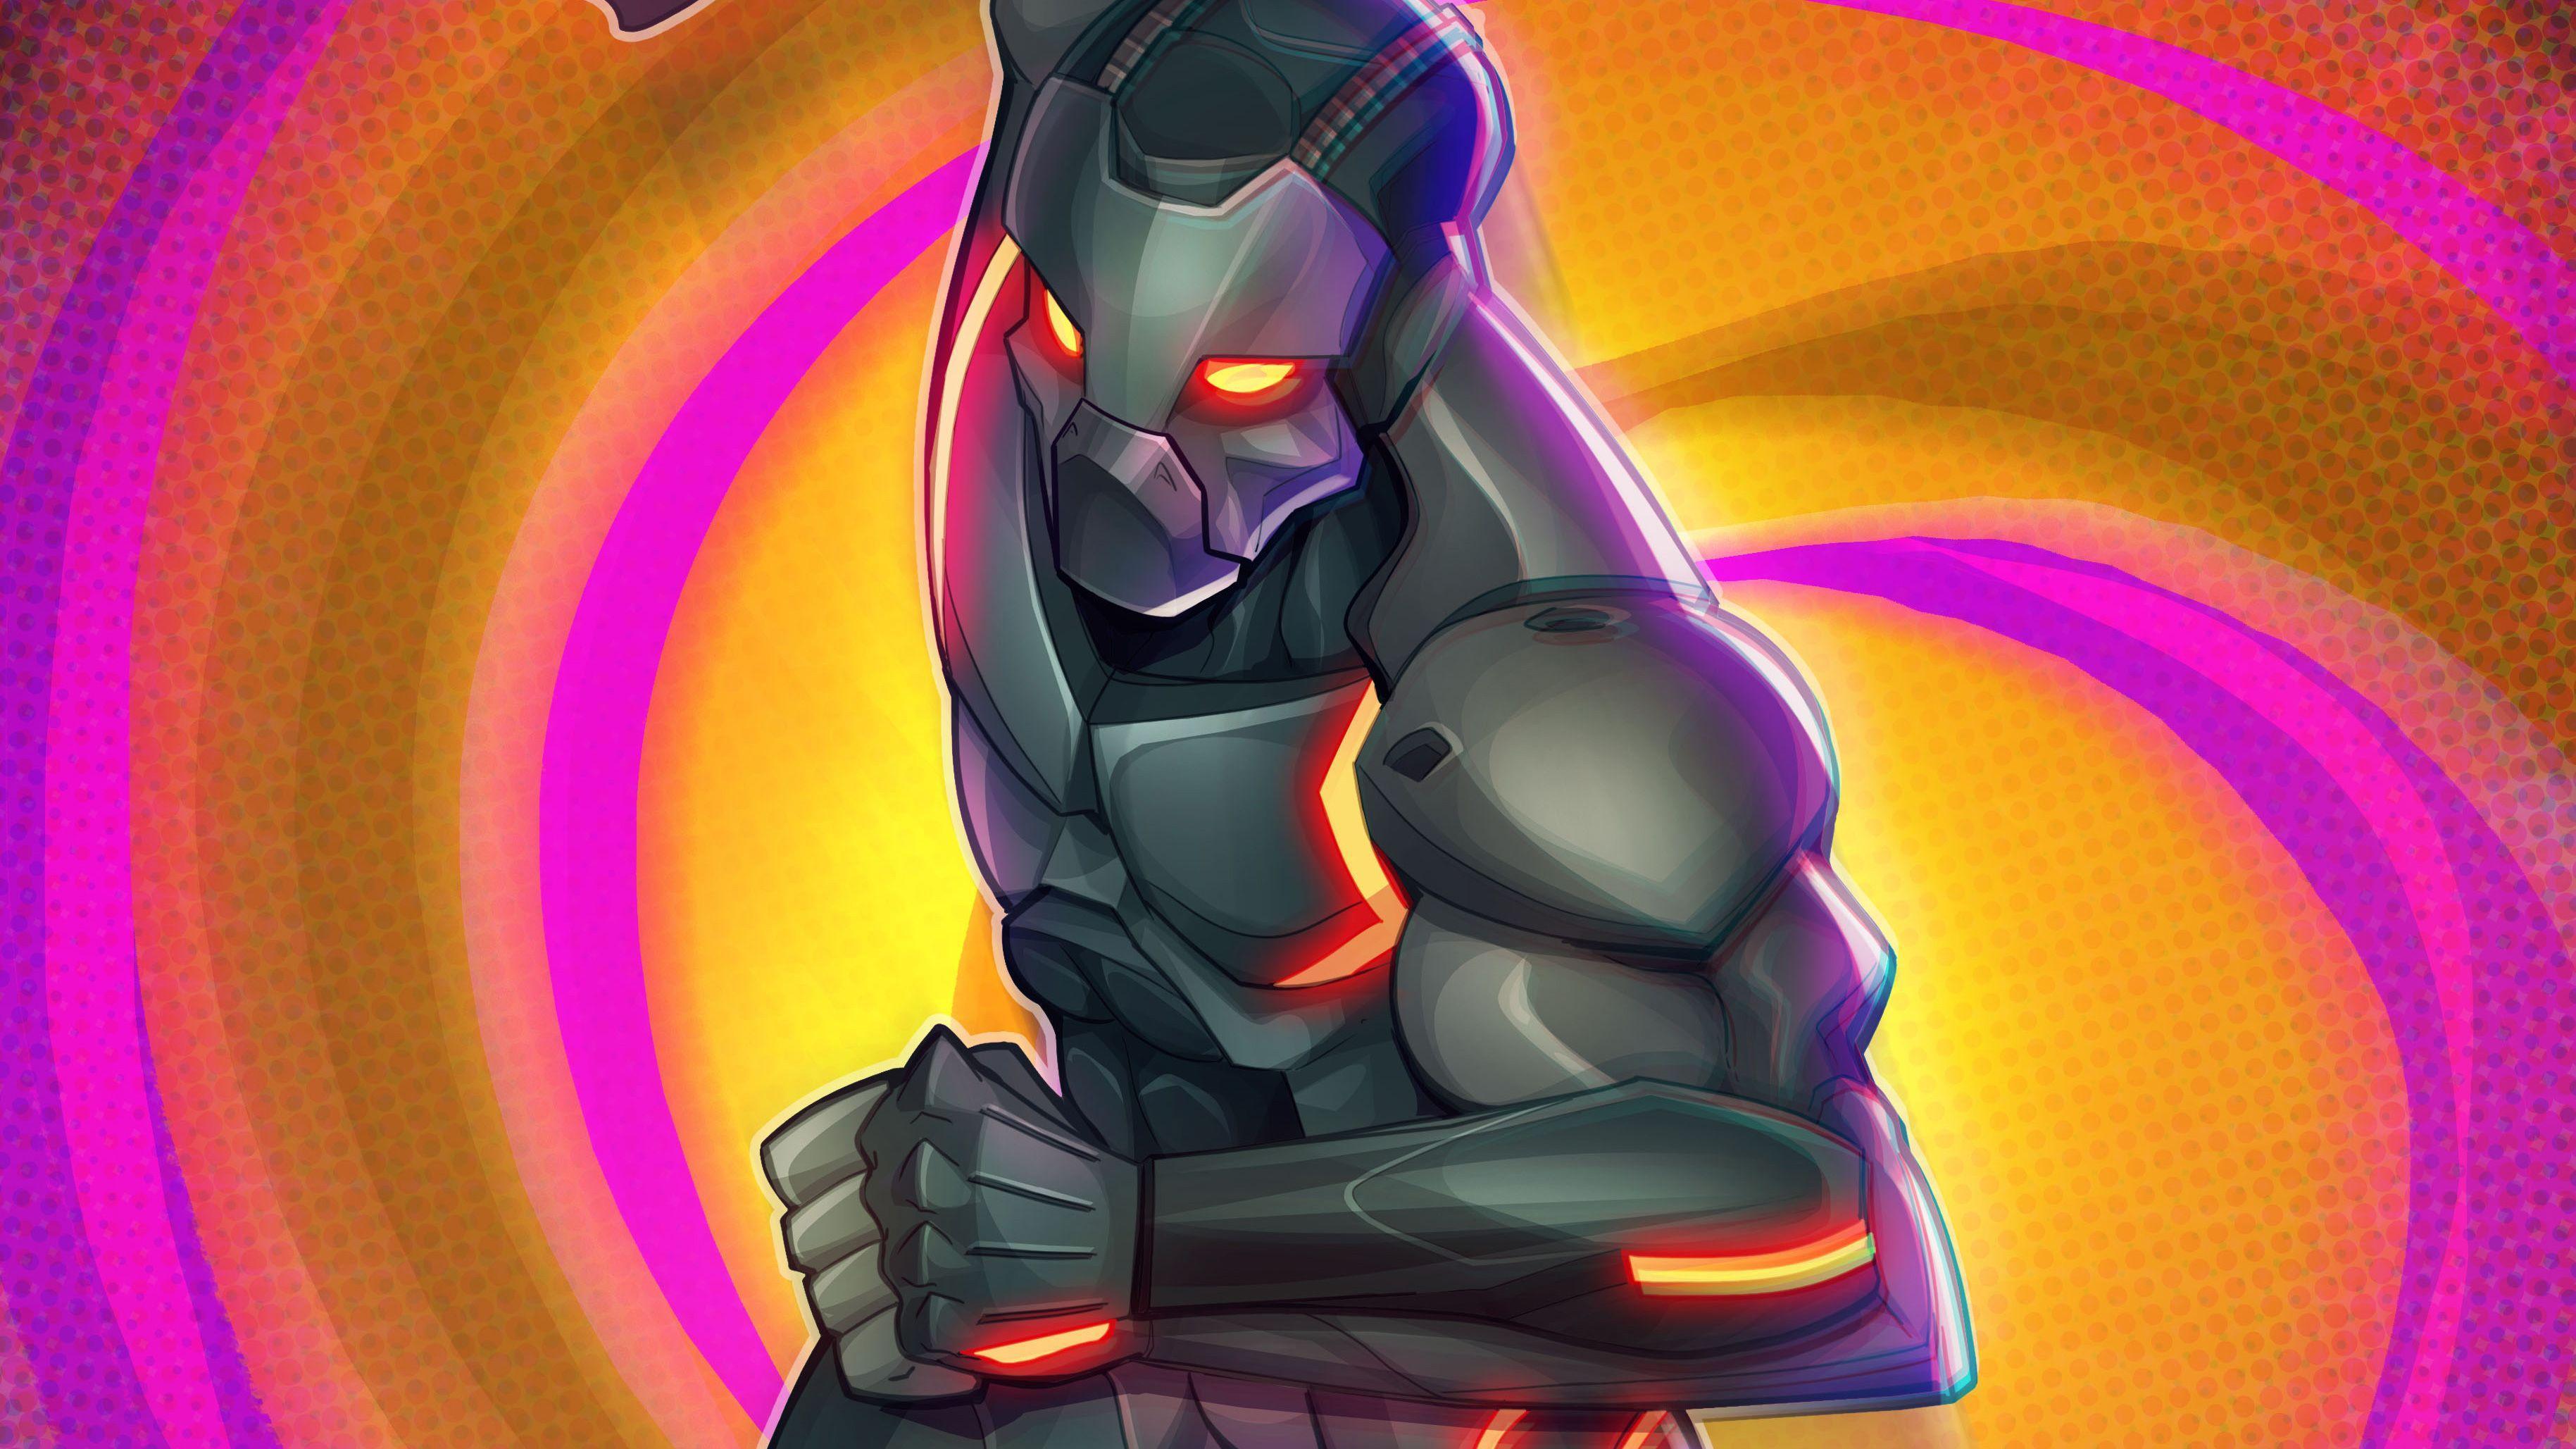 Fortnite Omega Fan Art, HD Games, 4k Wallpapers, Images, Backgrounds .